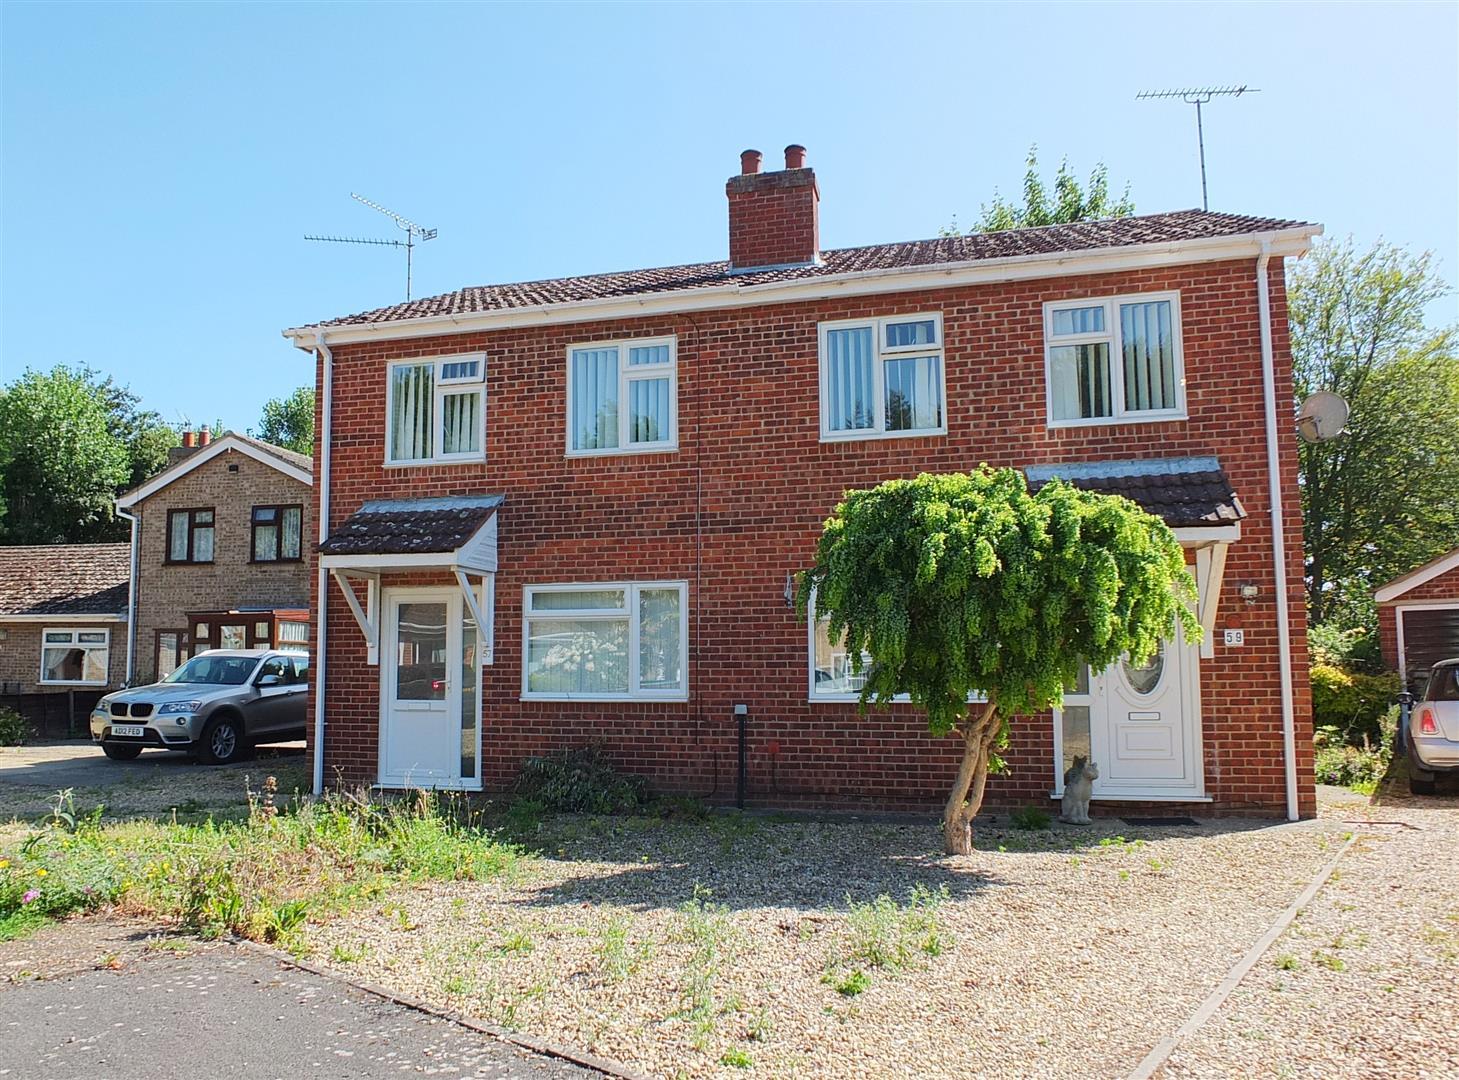 3 bed semi-detached house for sale in Sutton Bridge Spalding, PE12 9TZ 0